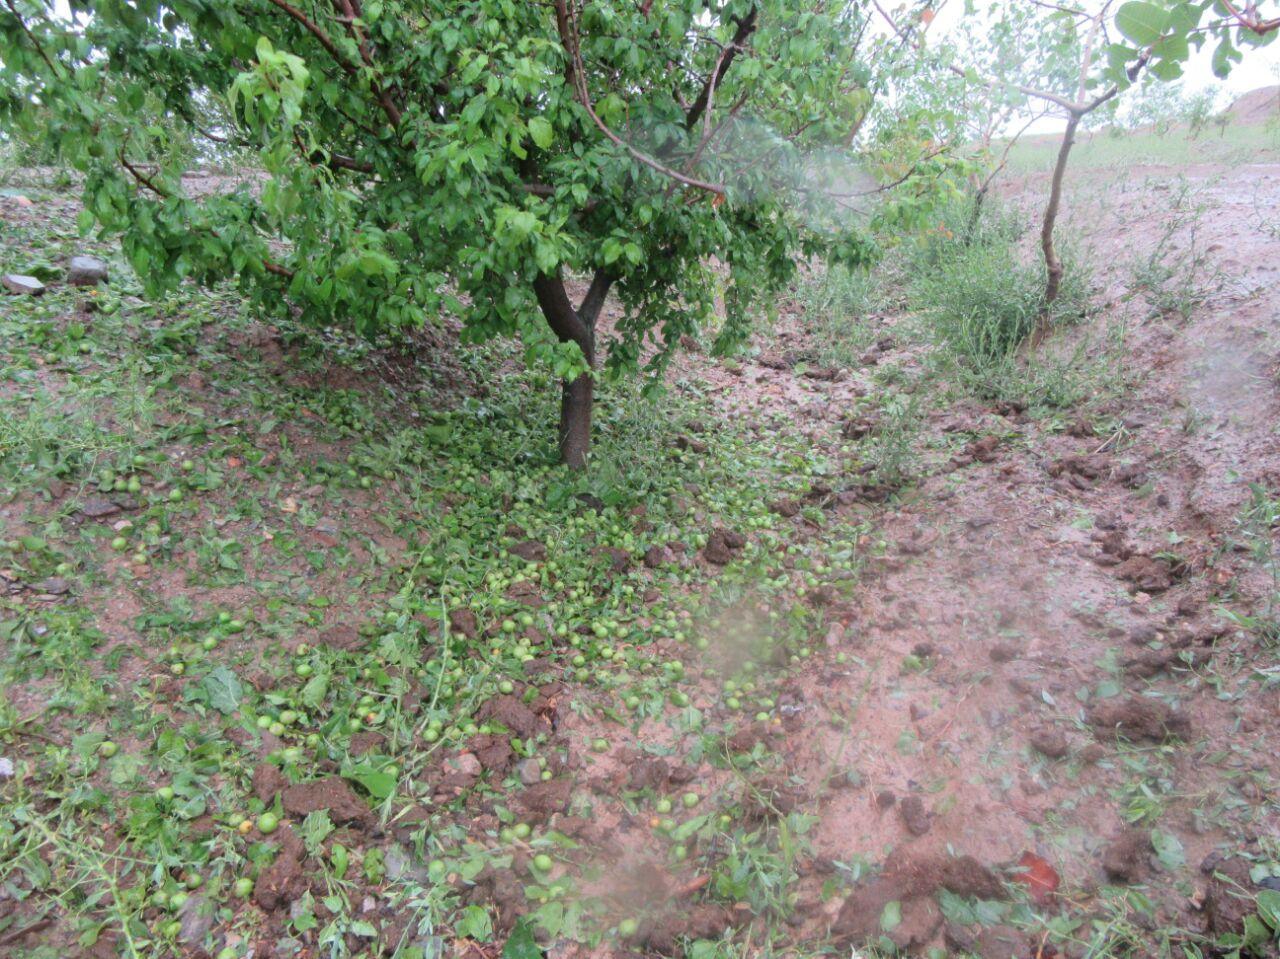 خسارت ۷۶ میلیارد تومانی بارندگی و سیل به بخش کشاورزی